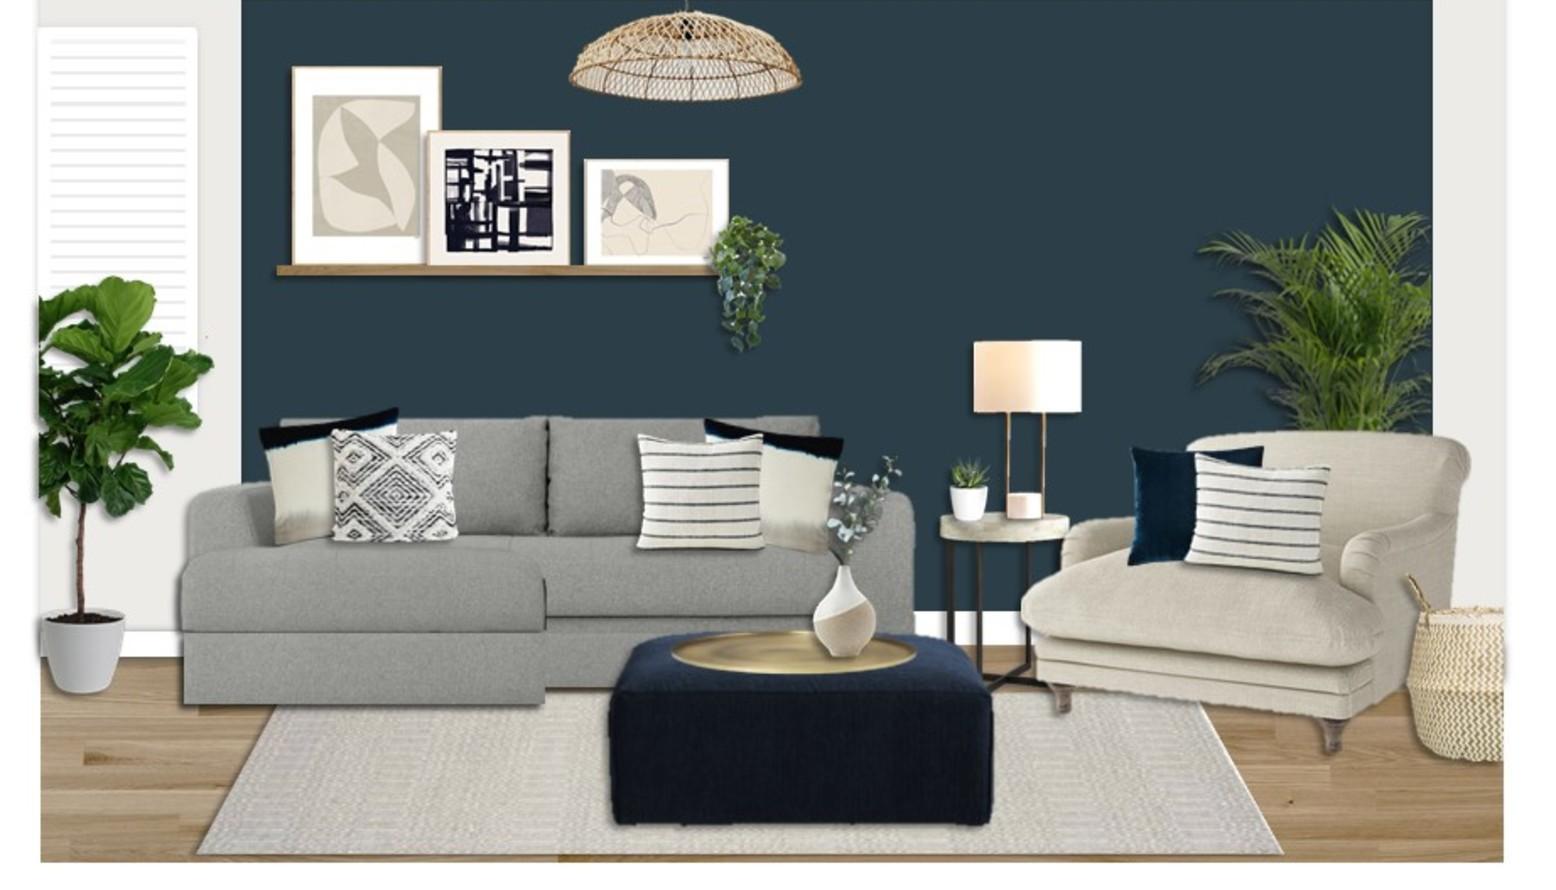 Simona miniace living room v1